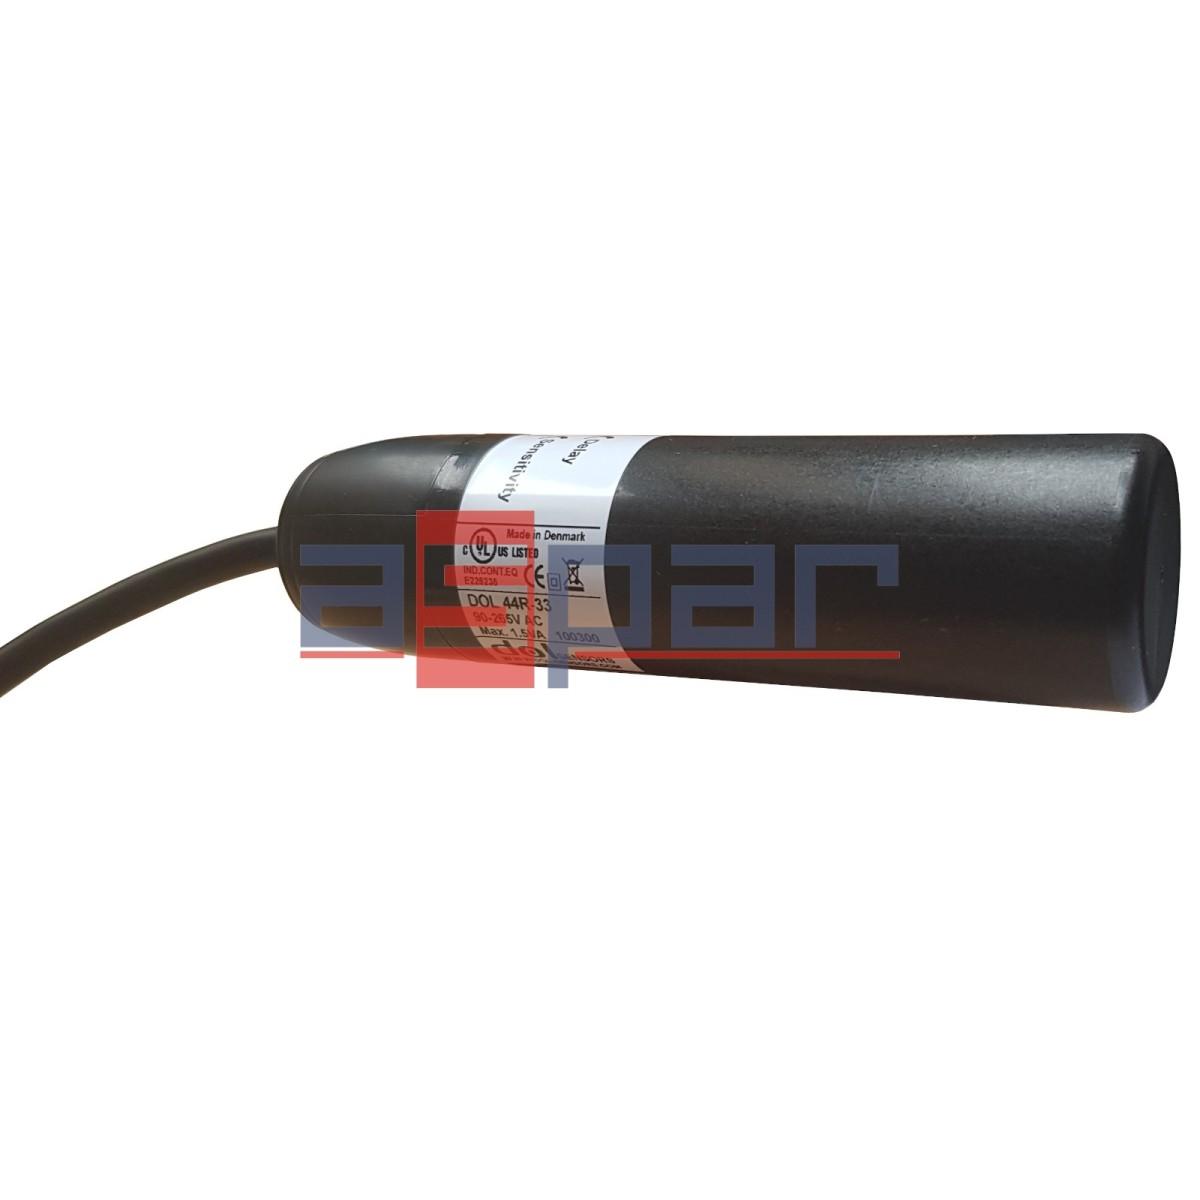 DOL 44R-33, 100300, 90-265VAC